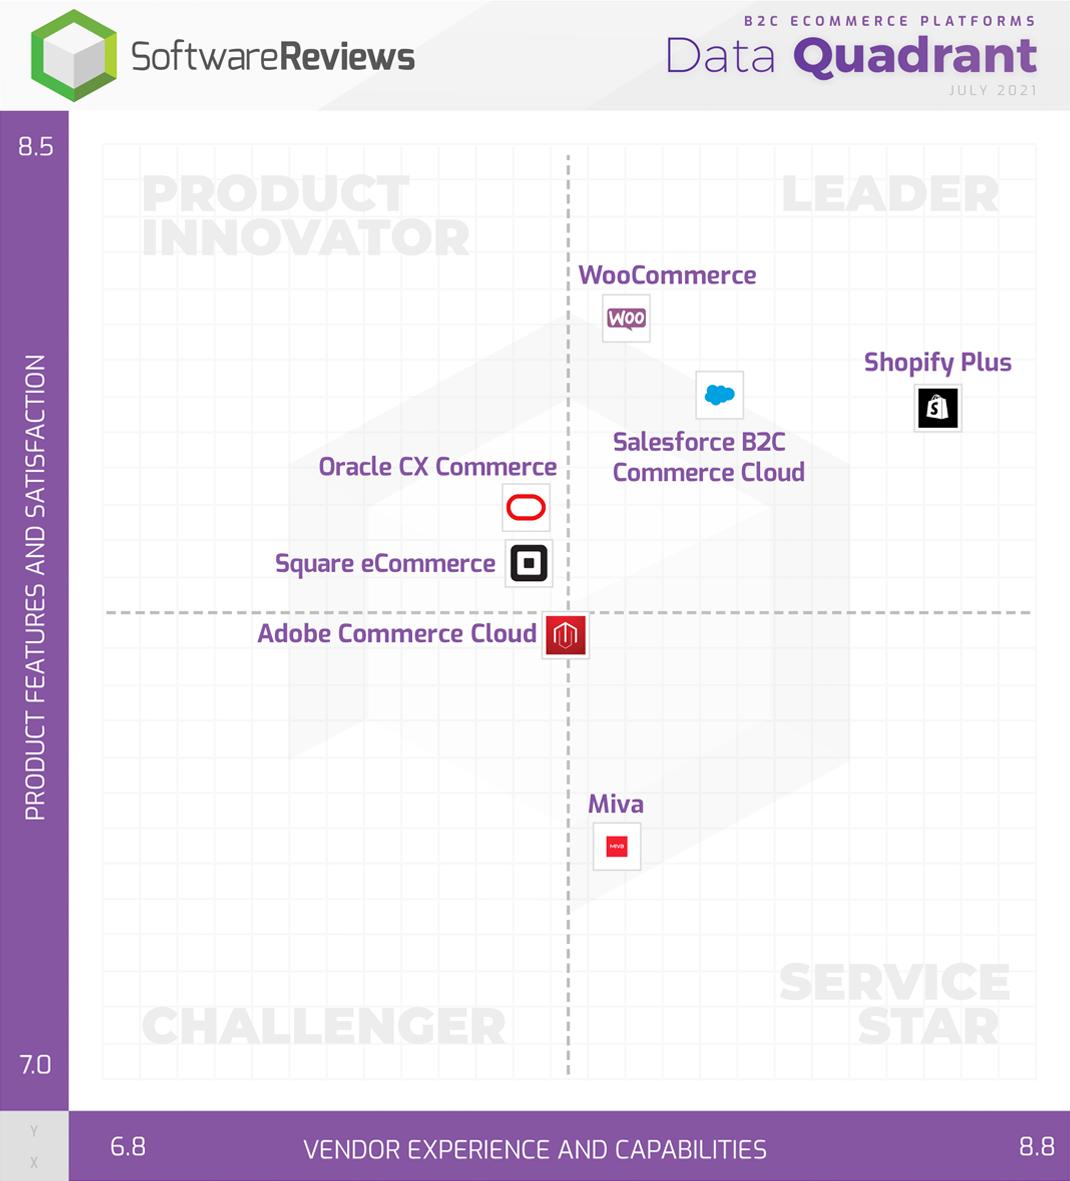 B2C eCommerce Data Quadrant